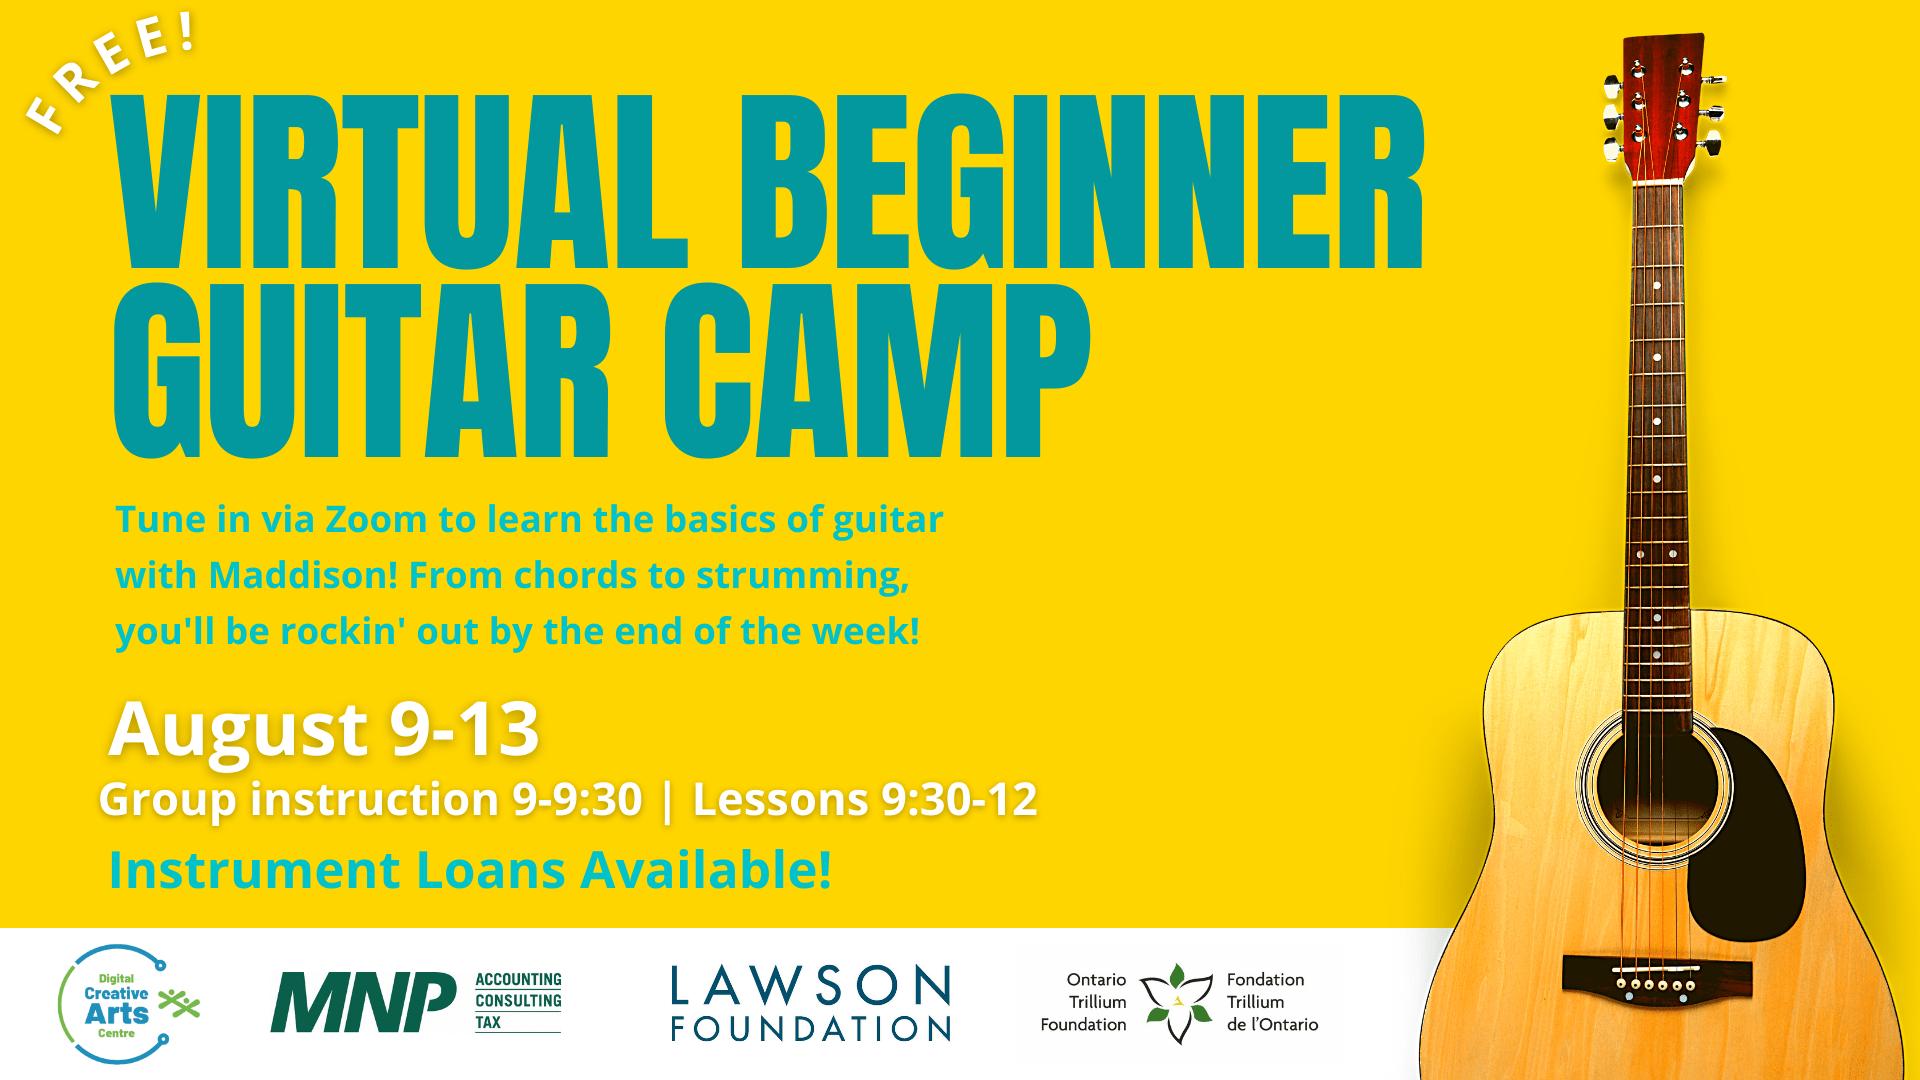 Virtual Beginner Guitar Camp